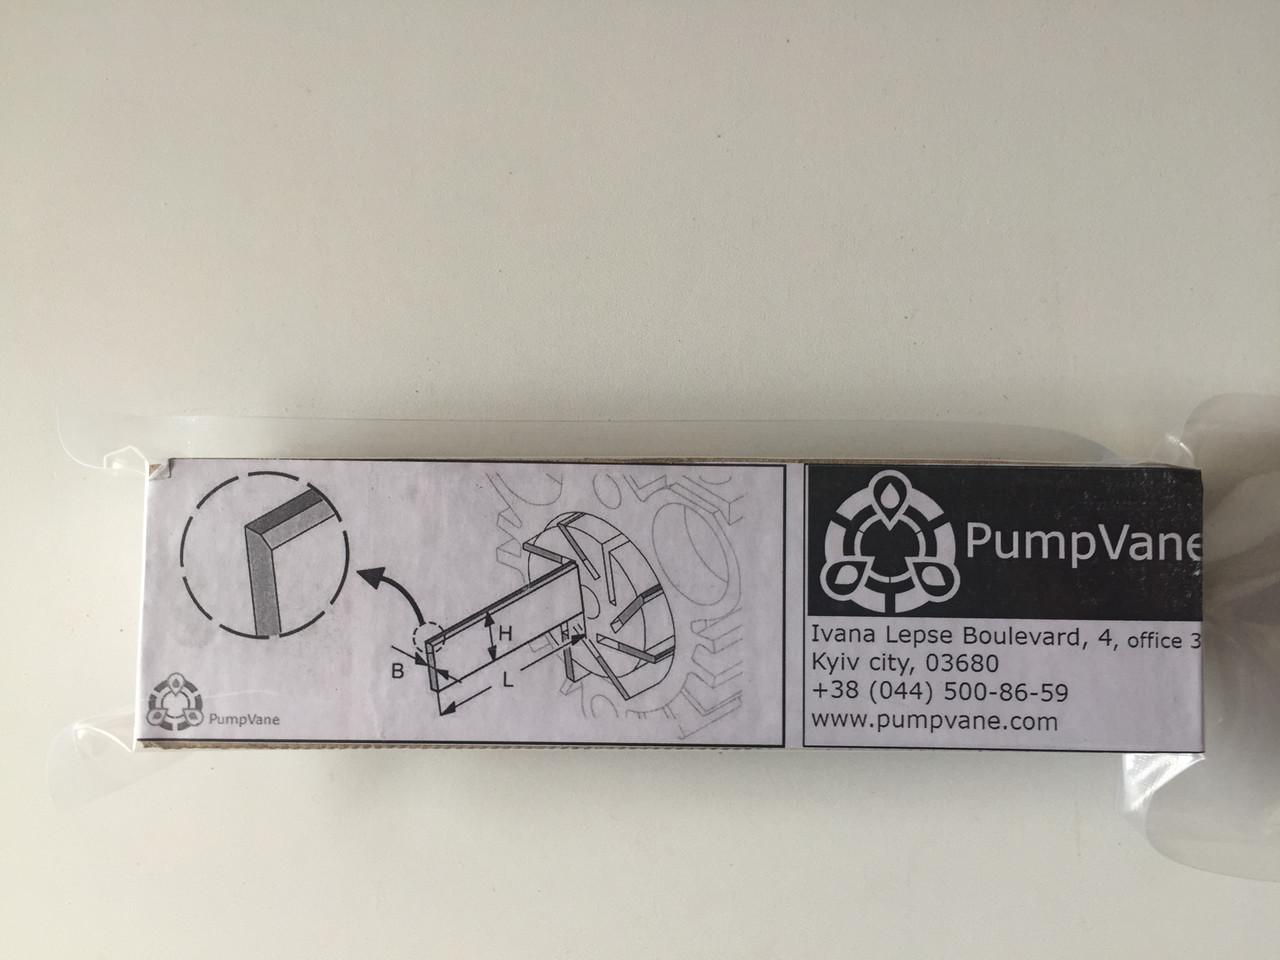 100*39,8*3,75 Лопатка пластиковая для вакуумного насоса Лопатки для Busch R5 0063 722000330